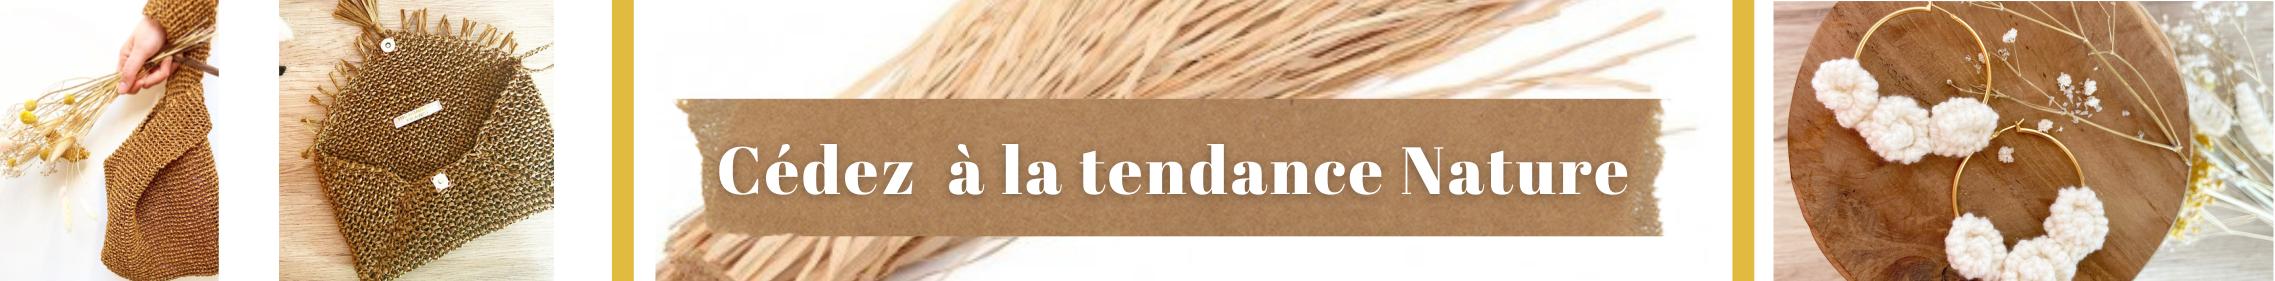 Nouvelle collection hiver-Bandeau laine, mitaines et snood femme tricotés-Mignonnery